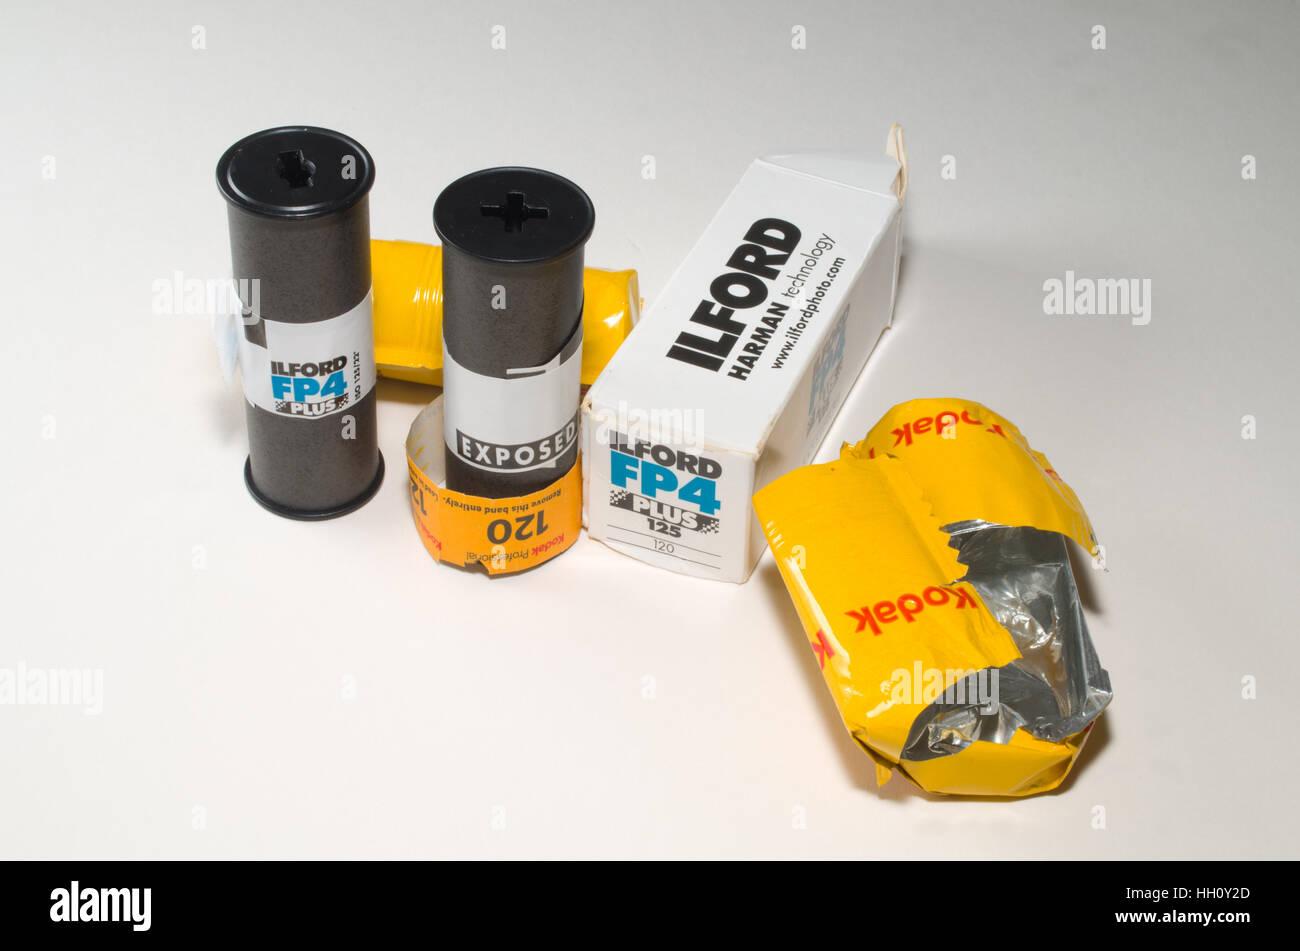 Rolls of 120 film used in medium format cameras Ilford and Kodak